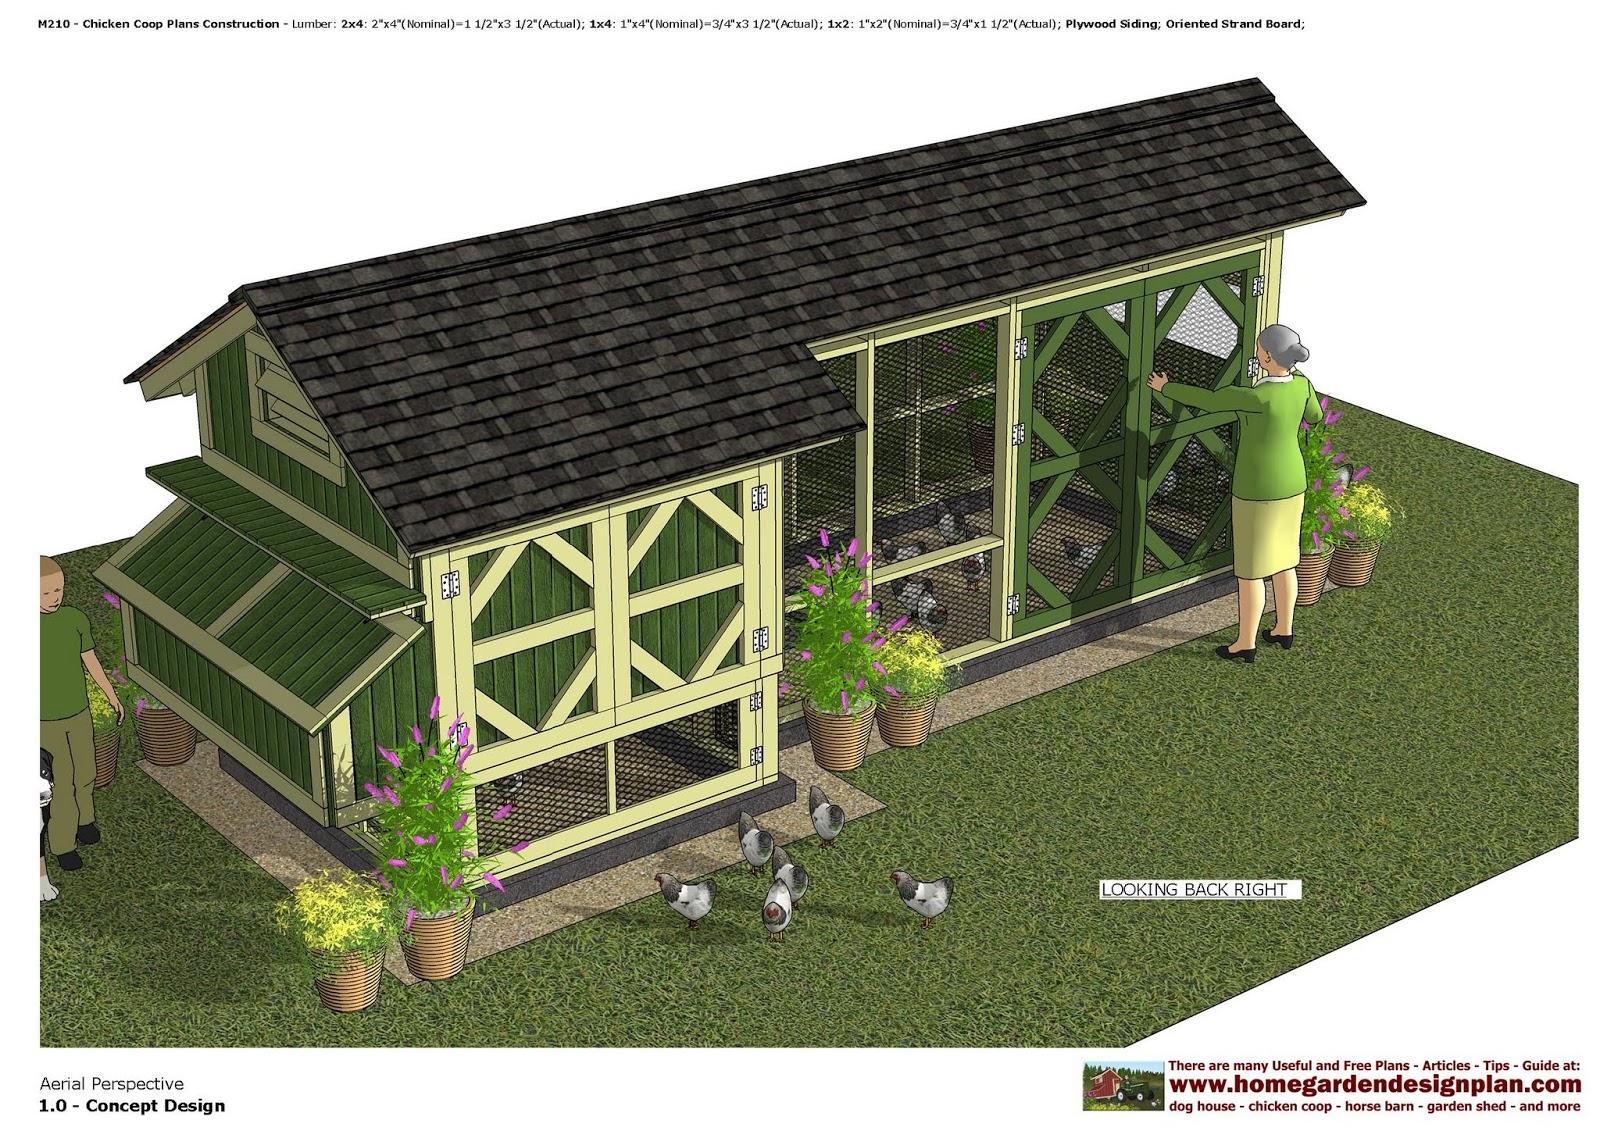 home garden plans M210 Chicken Coop Plans Construction Chicken – Chicken Coop With Garden Roof Plans